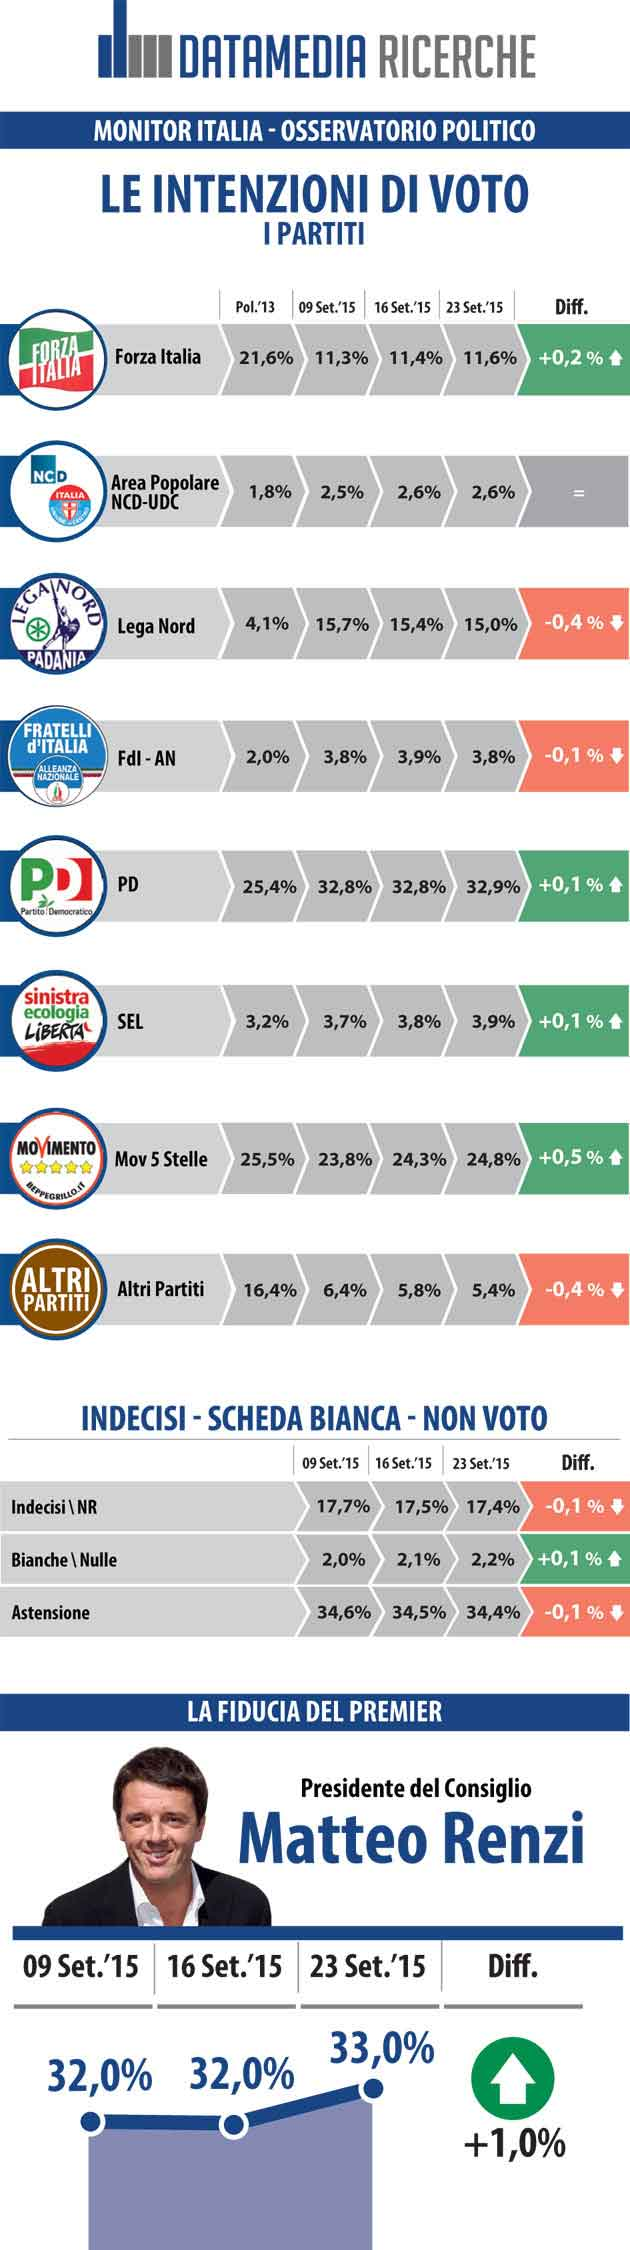 sondaggi politici italiani settembre 2015